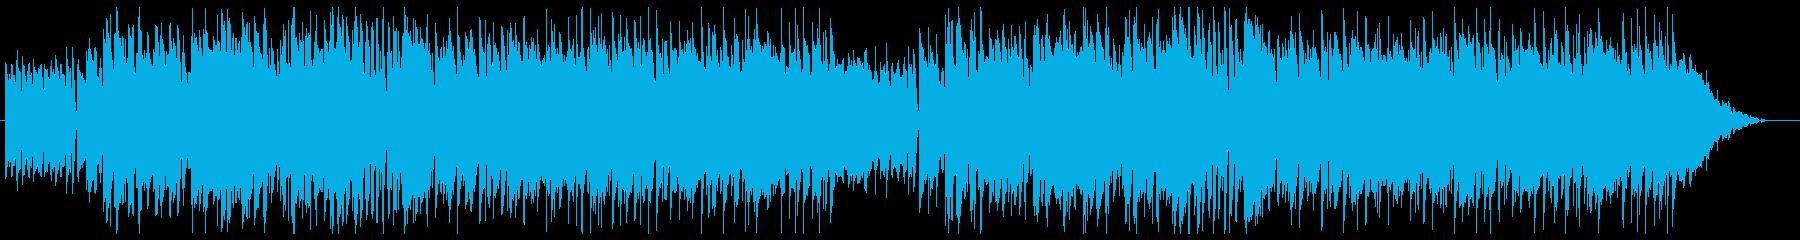 可愛い日常系トランペット、スイングの再生済みの波形